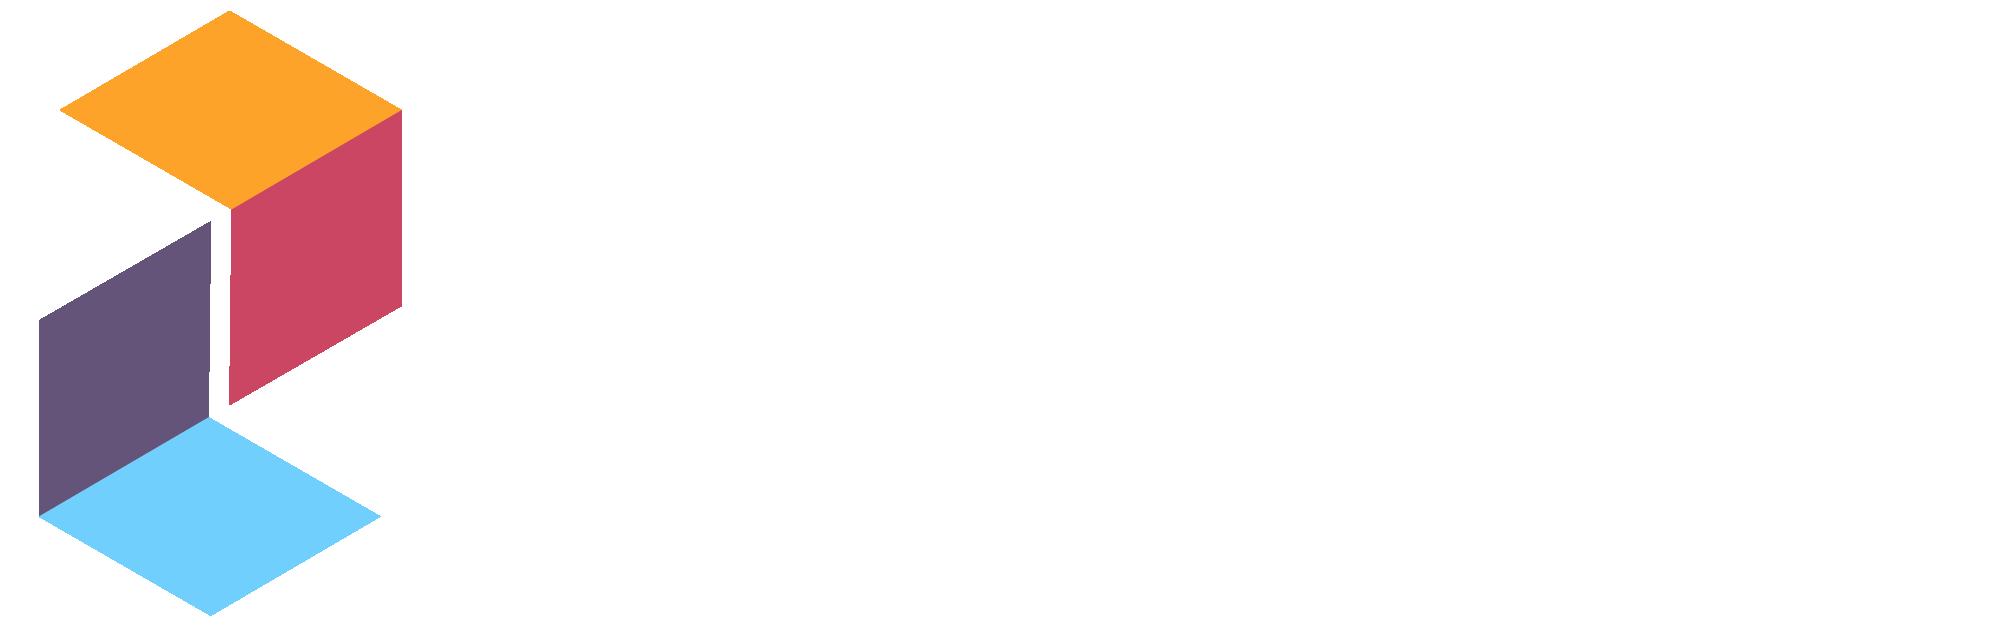 logo-casis-unternehmensgruppe-weiß